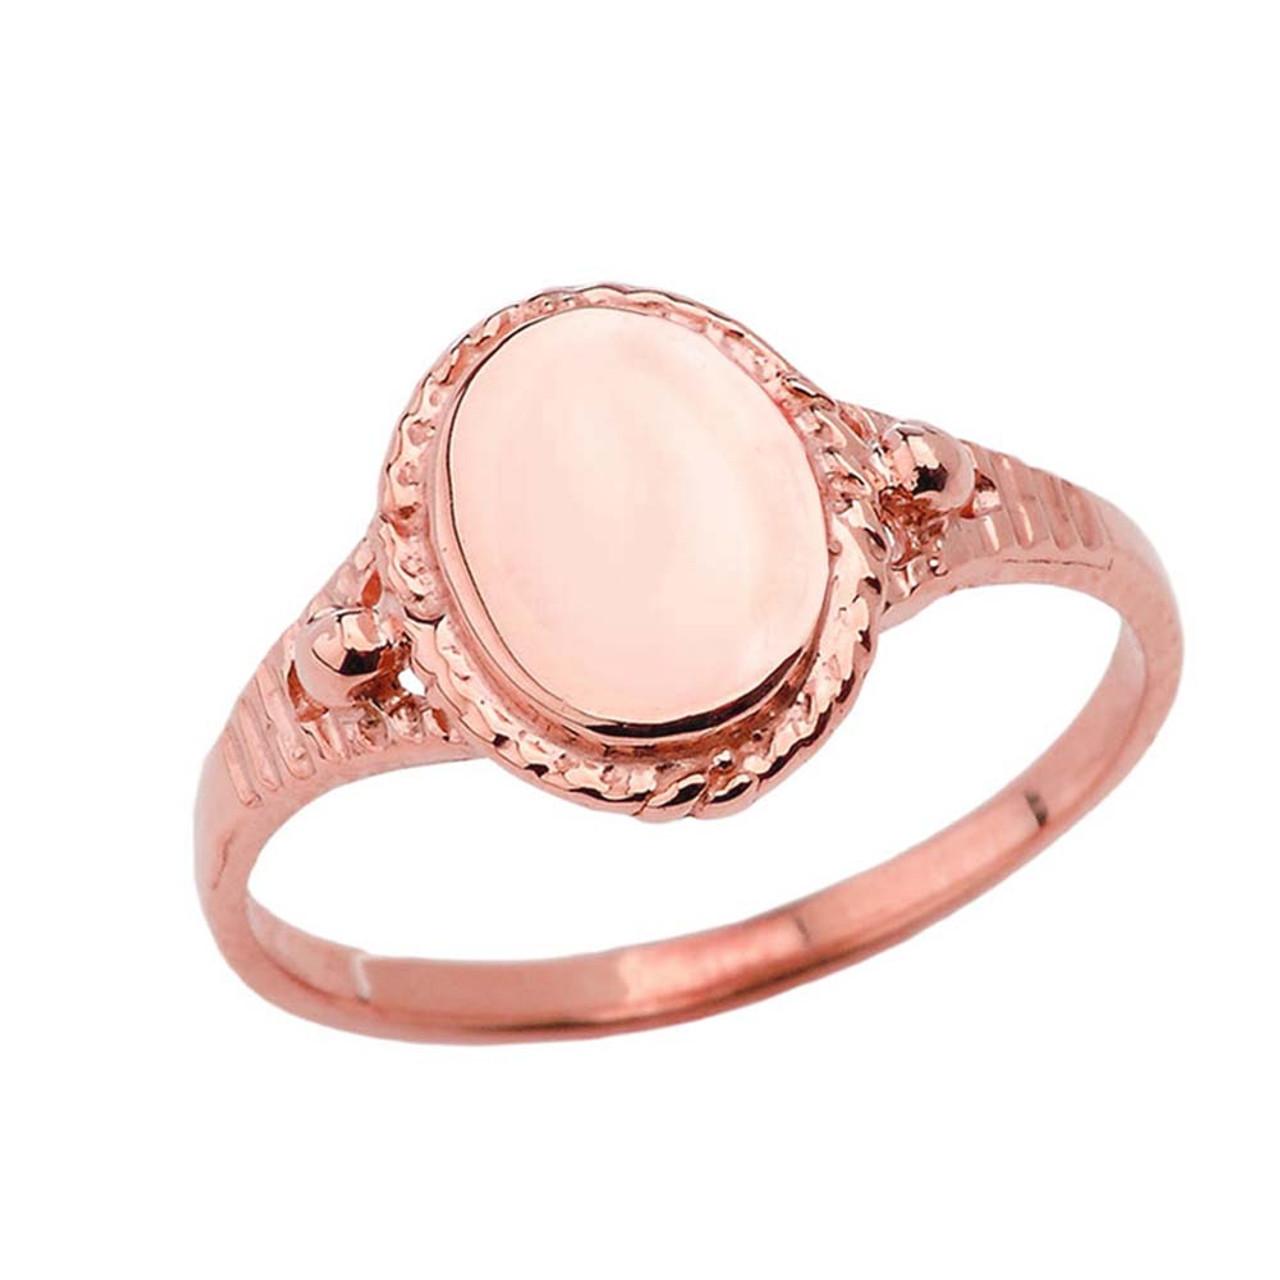 Milgrain Engravable Oval Signet Ring in Rose Gold